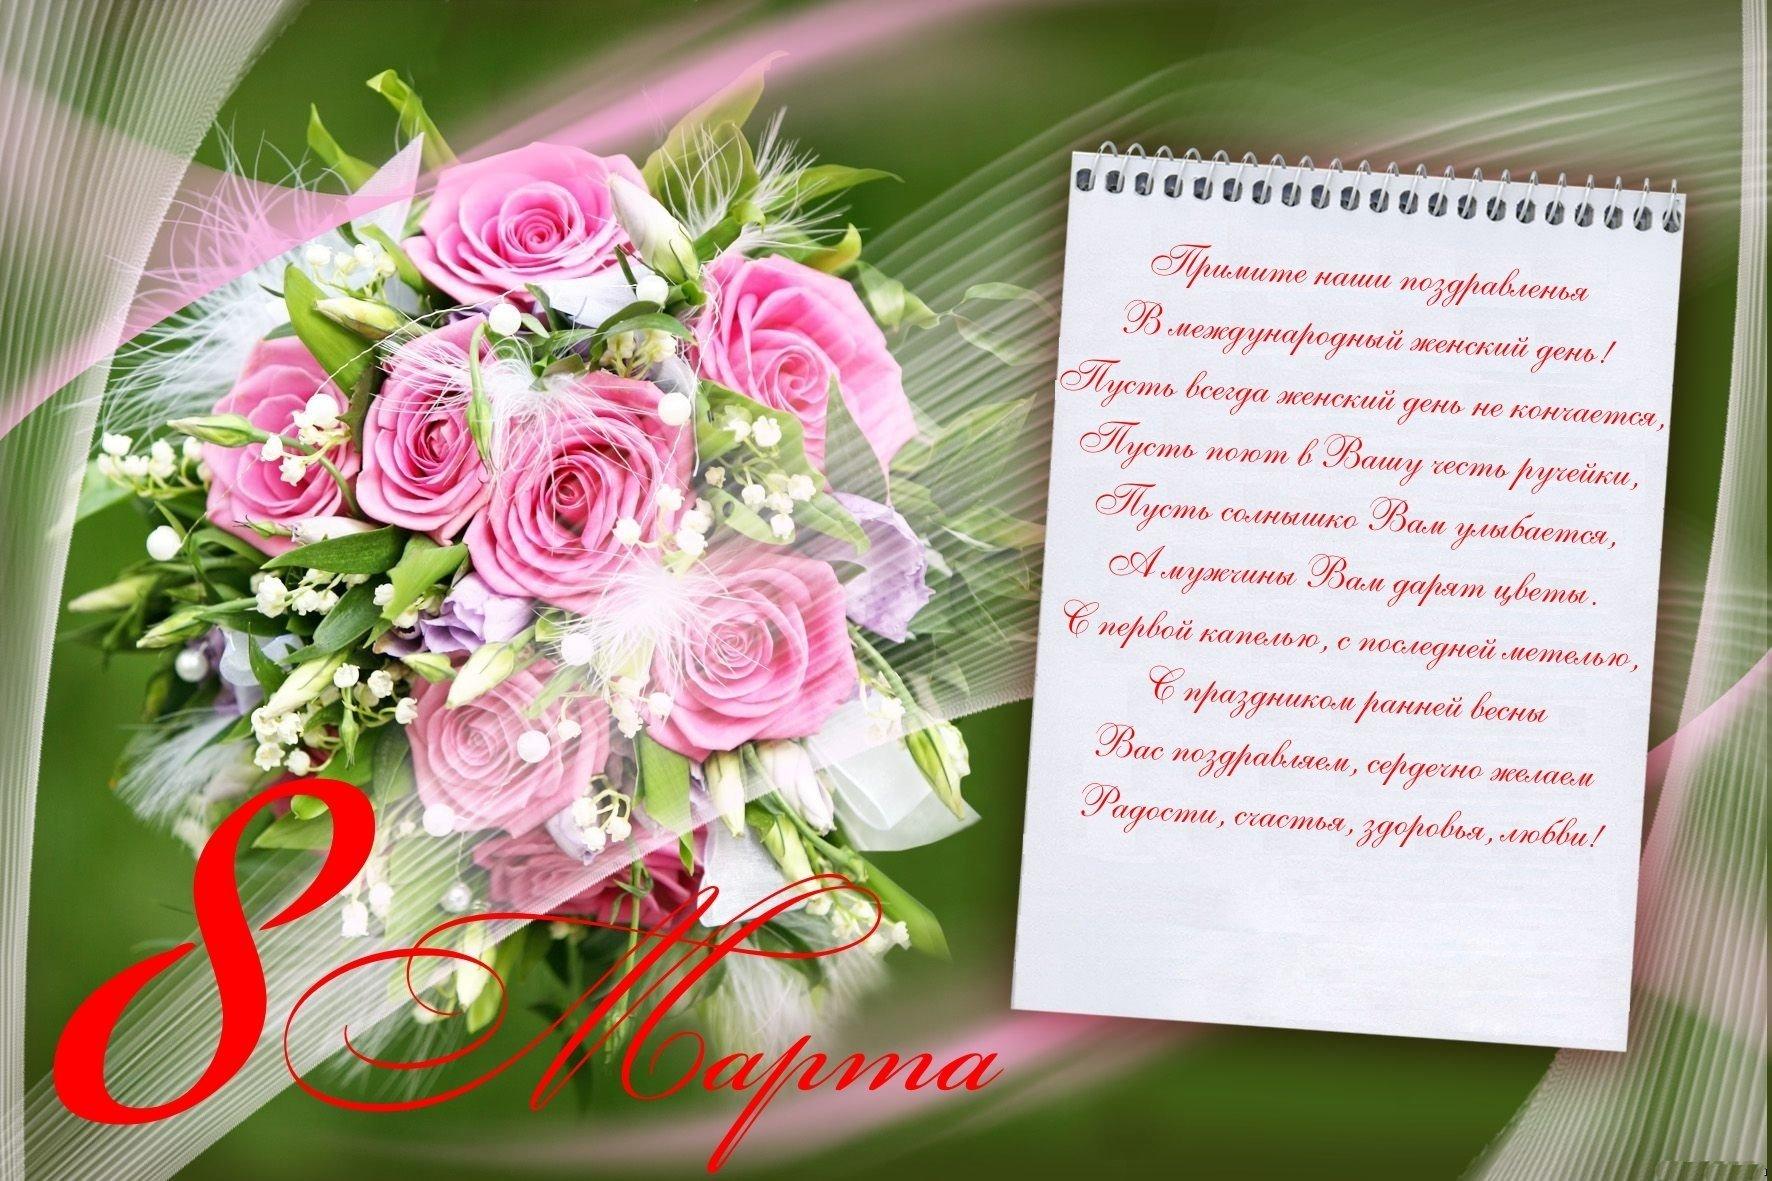 Поздравление с 8 марта для картинки, для